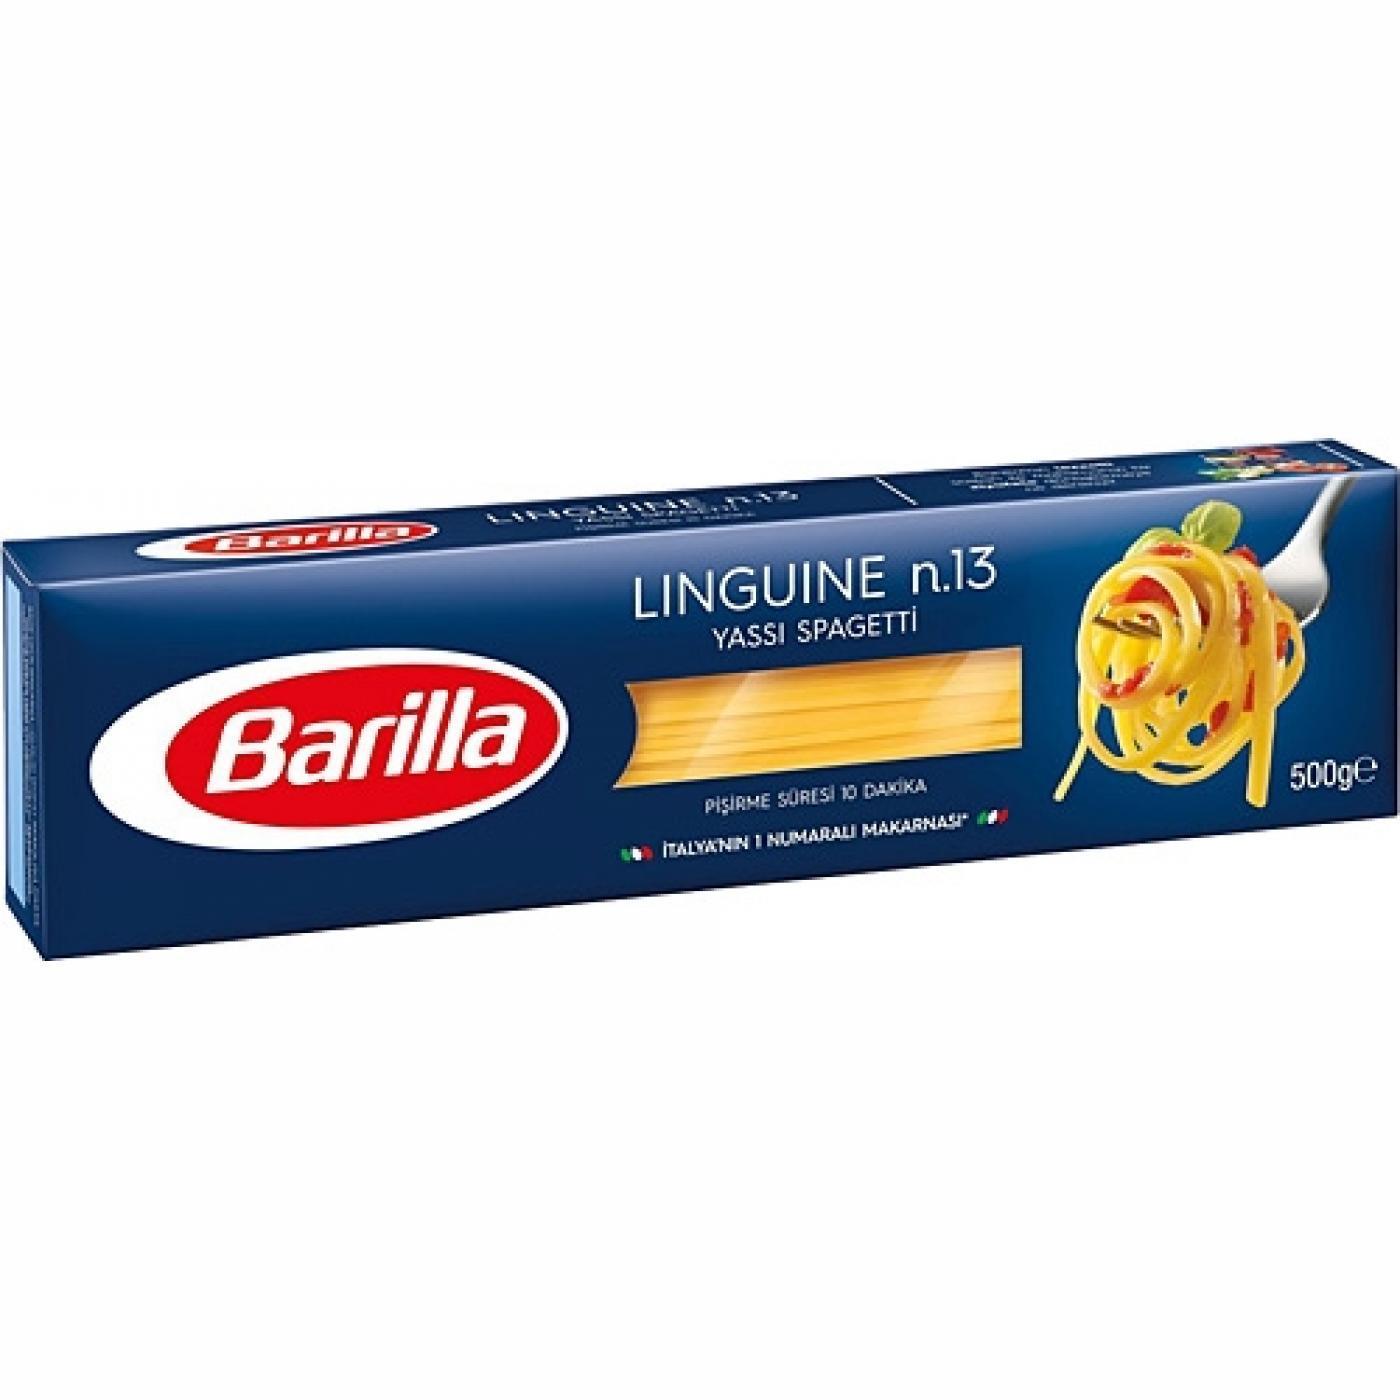 BARİLLA MAKARNA 500GR LINGUINNE